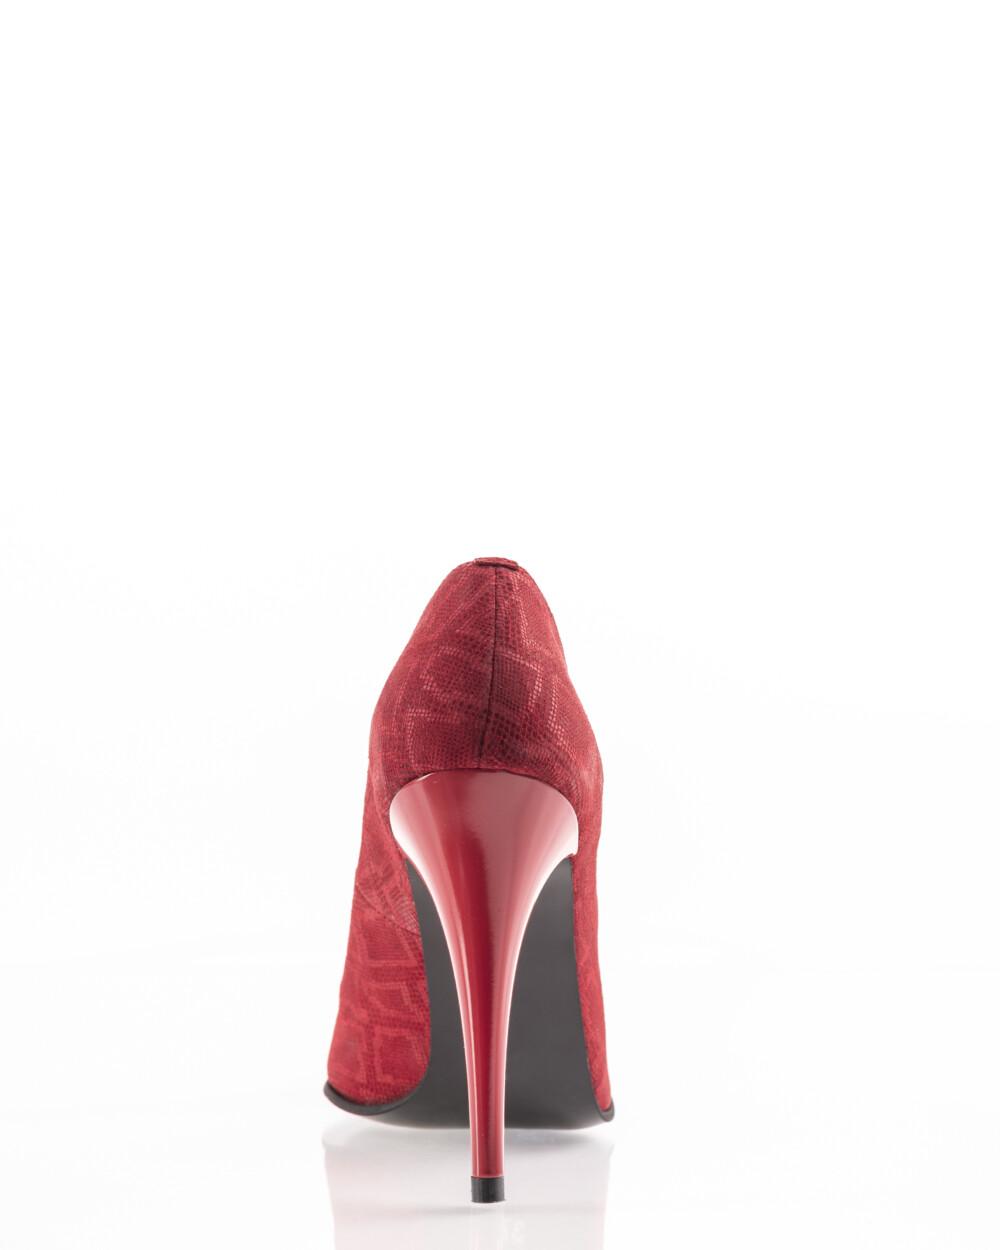 pantofi rosii stiletto din piele naturală vreaupantofi